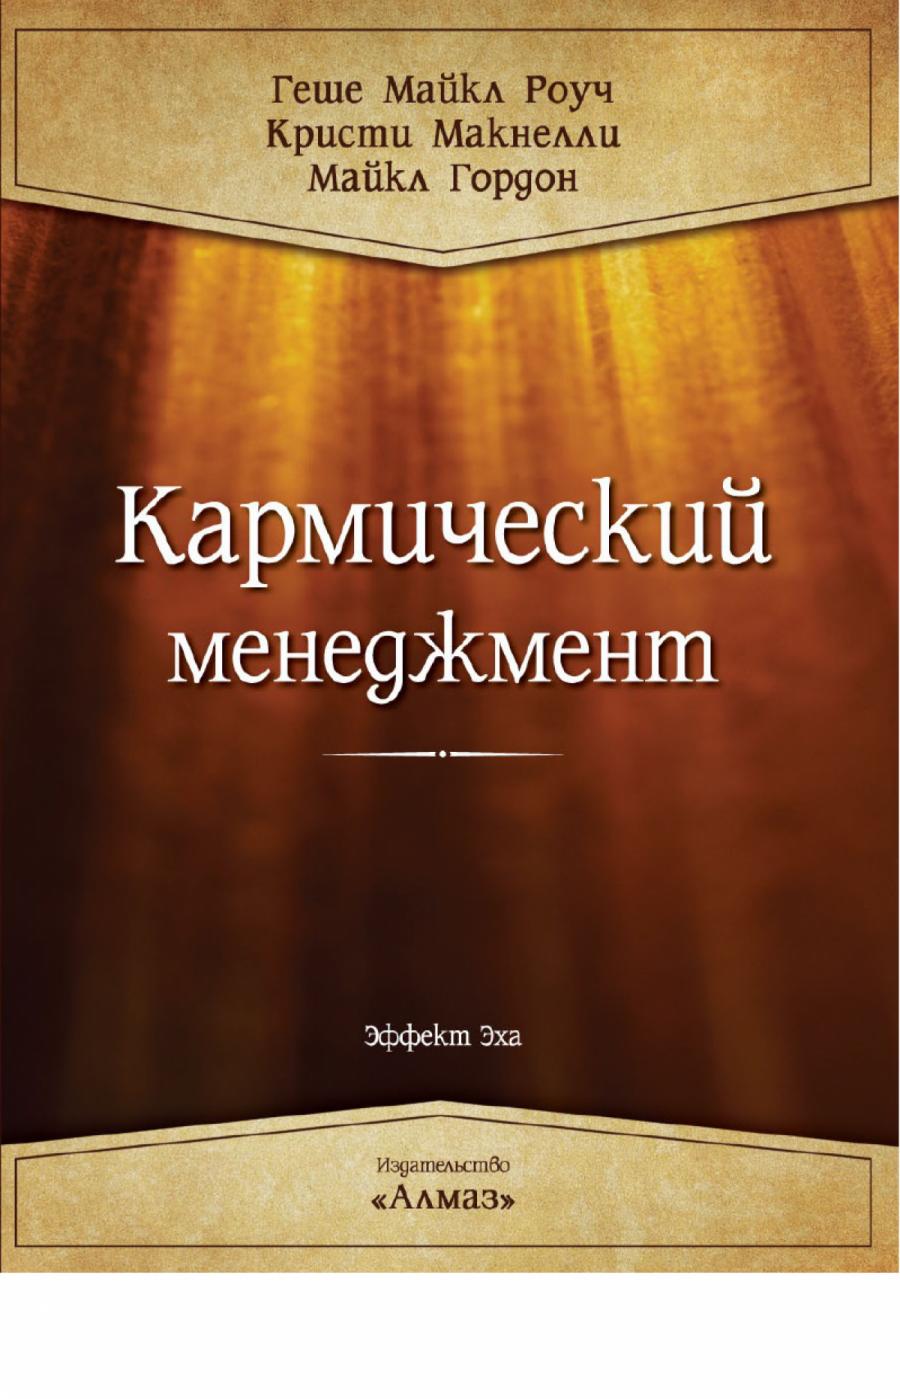 Обложка книги:  роуч м. - кармический менеджмент